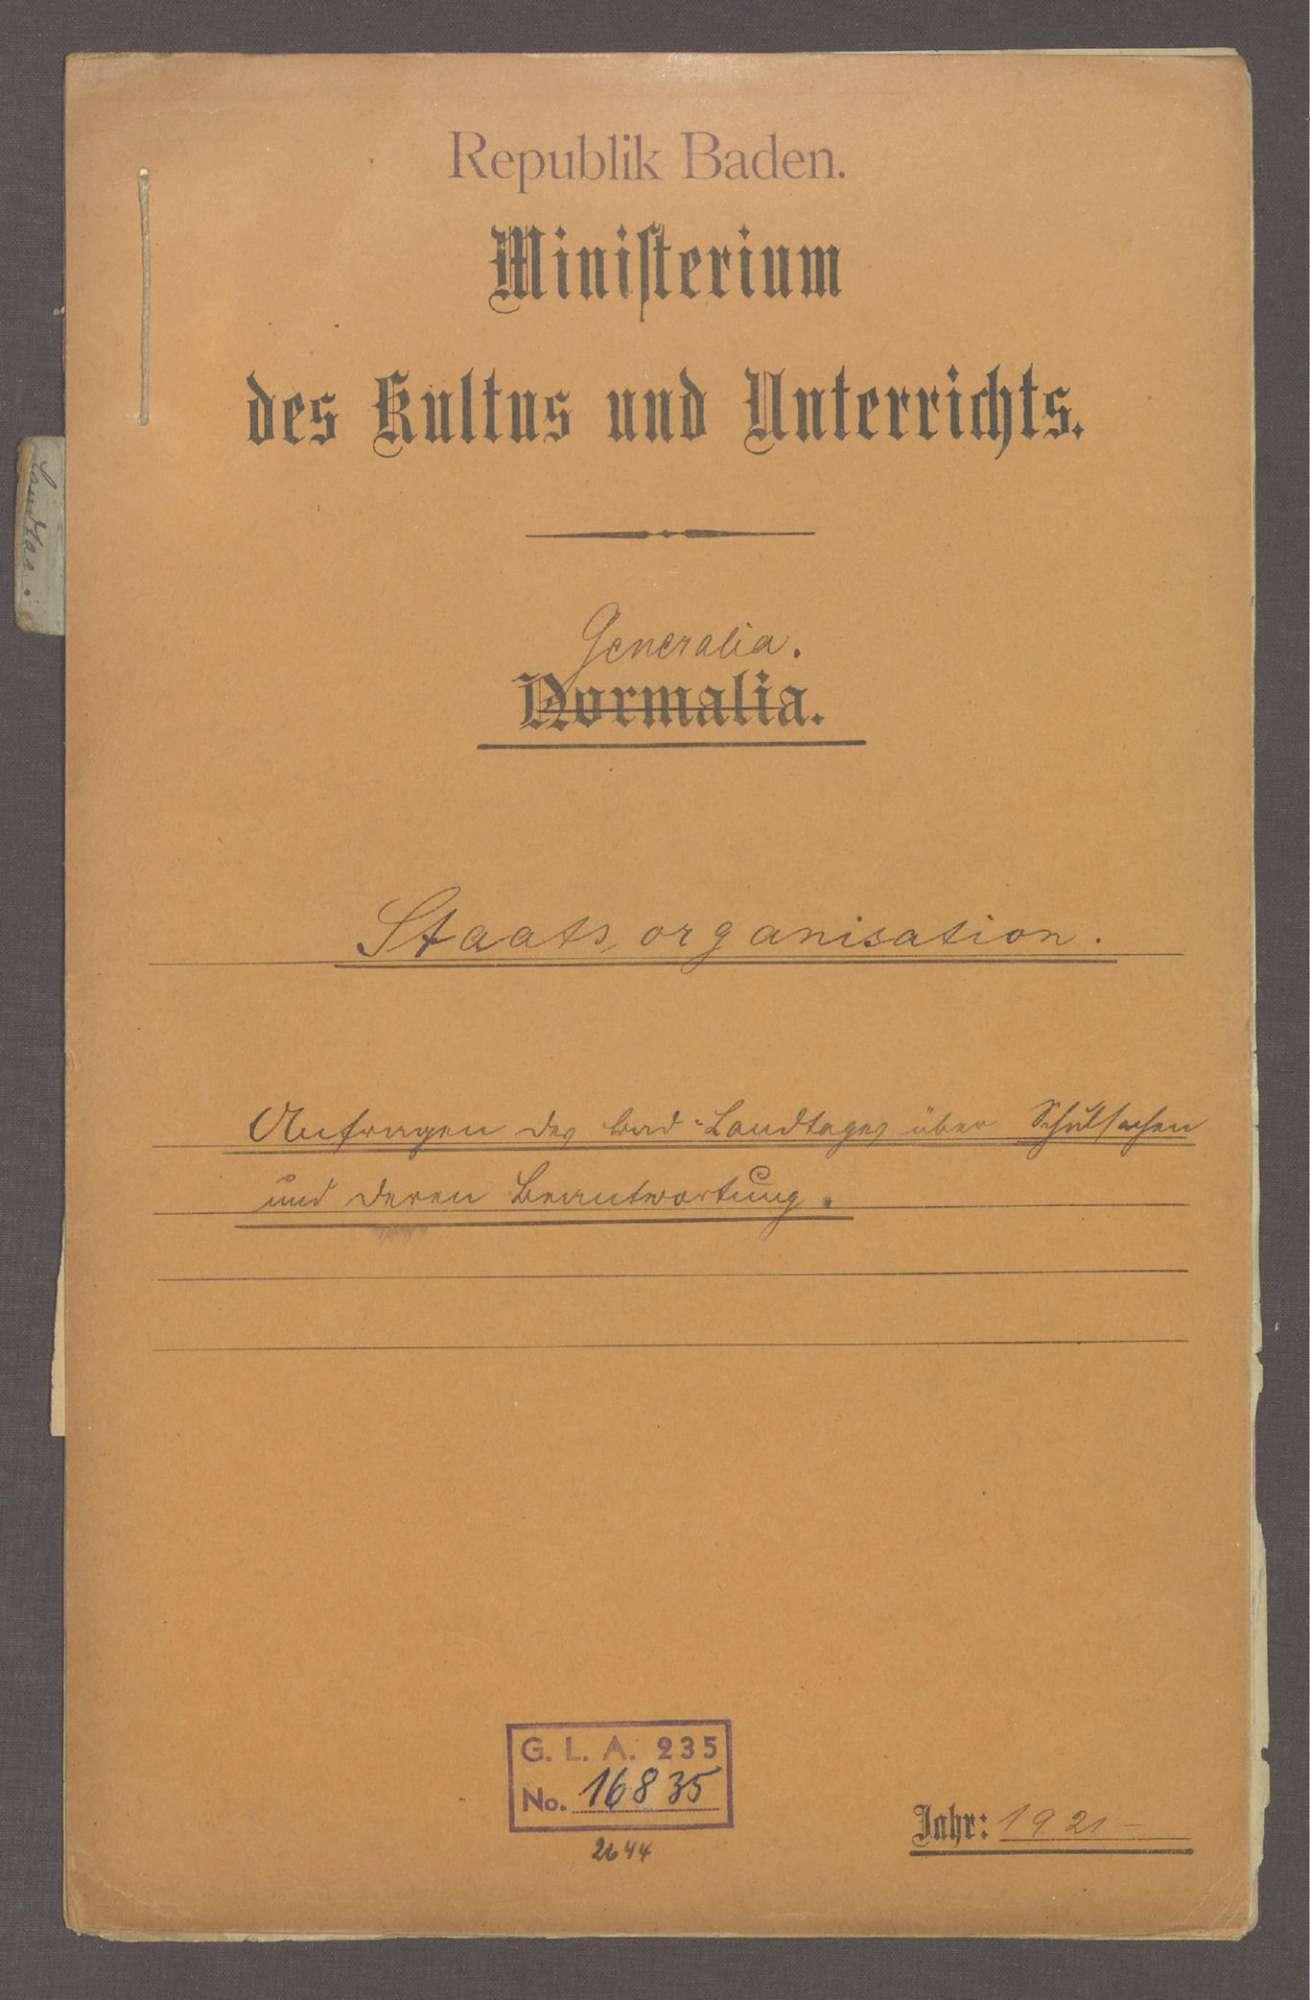 Anfragen des Badischen Landtags über Schulsachen und deren Beantwortung, Bild 1